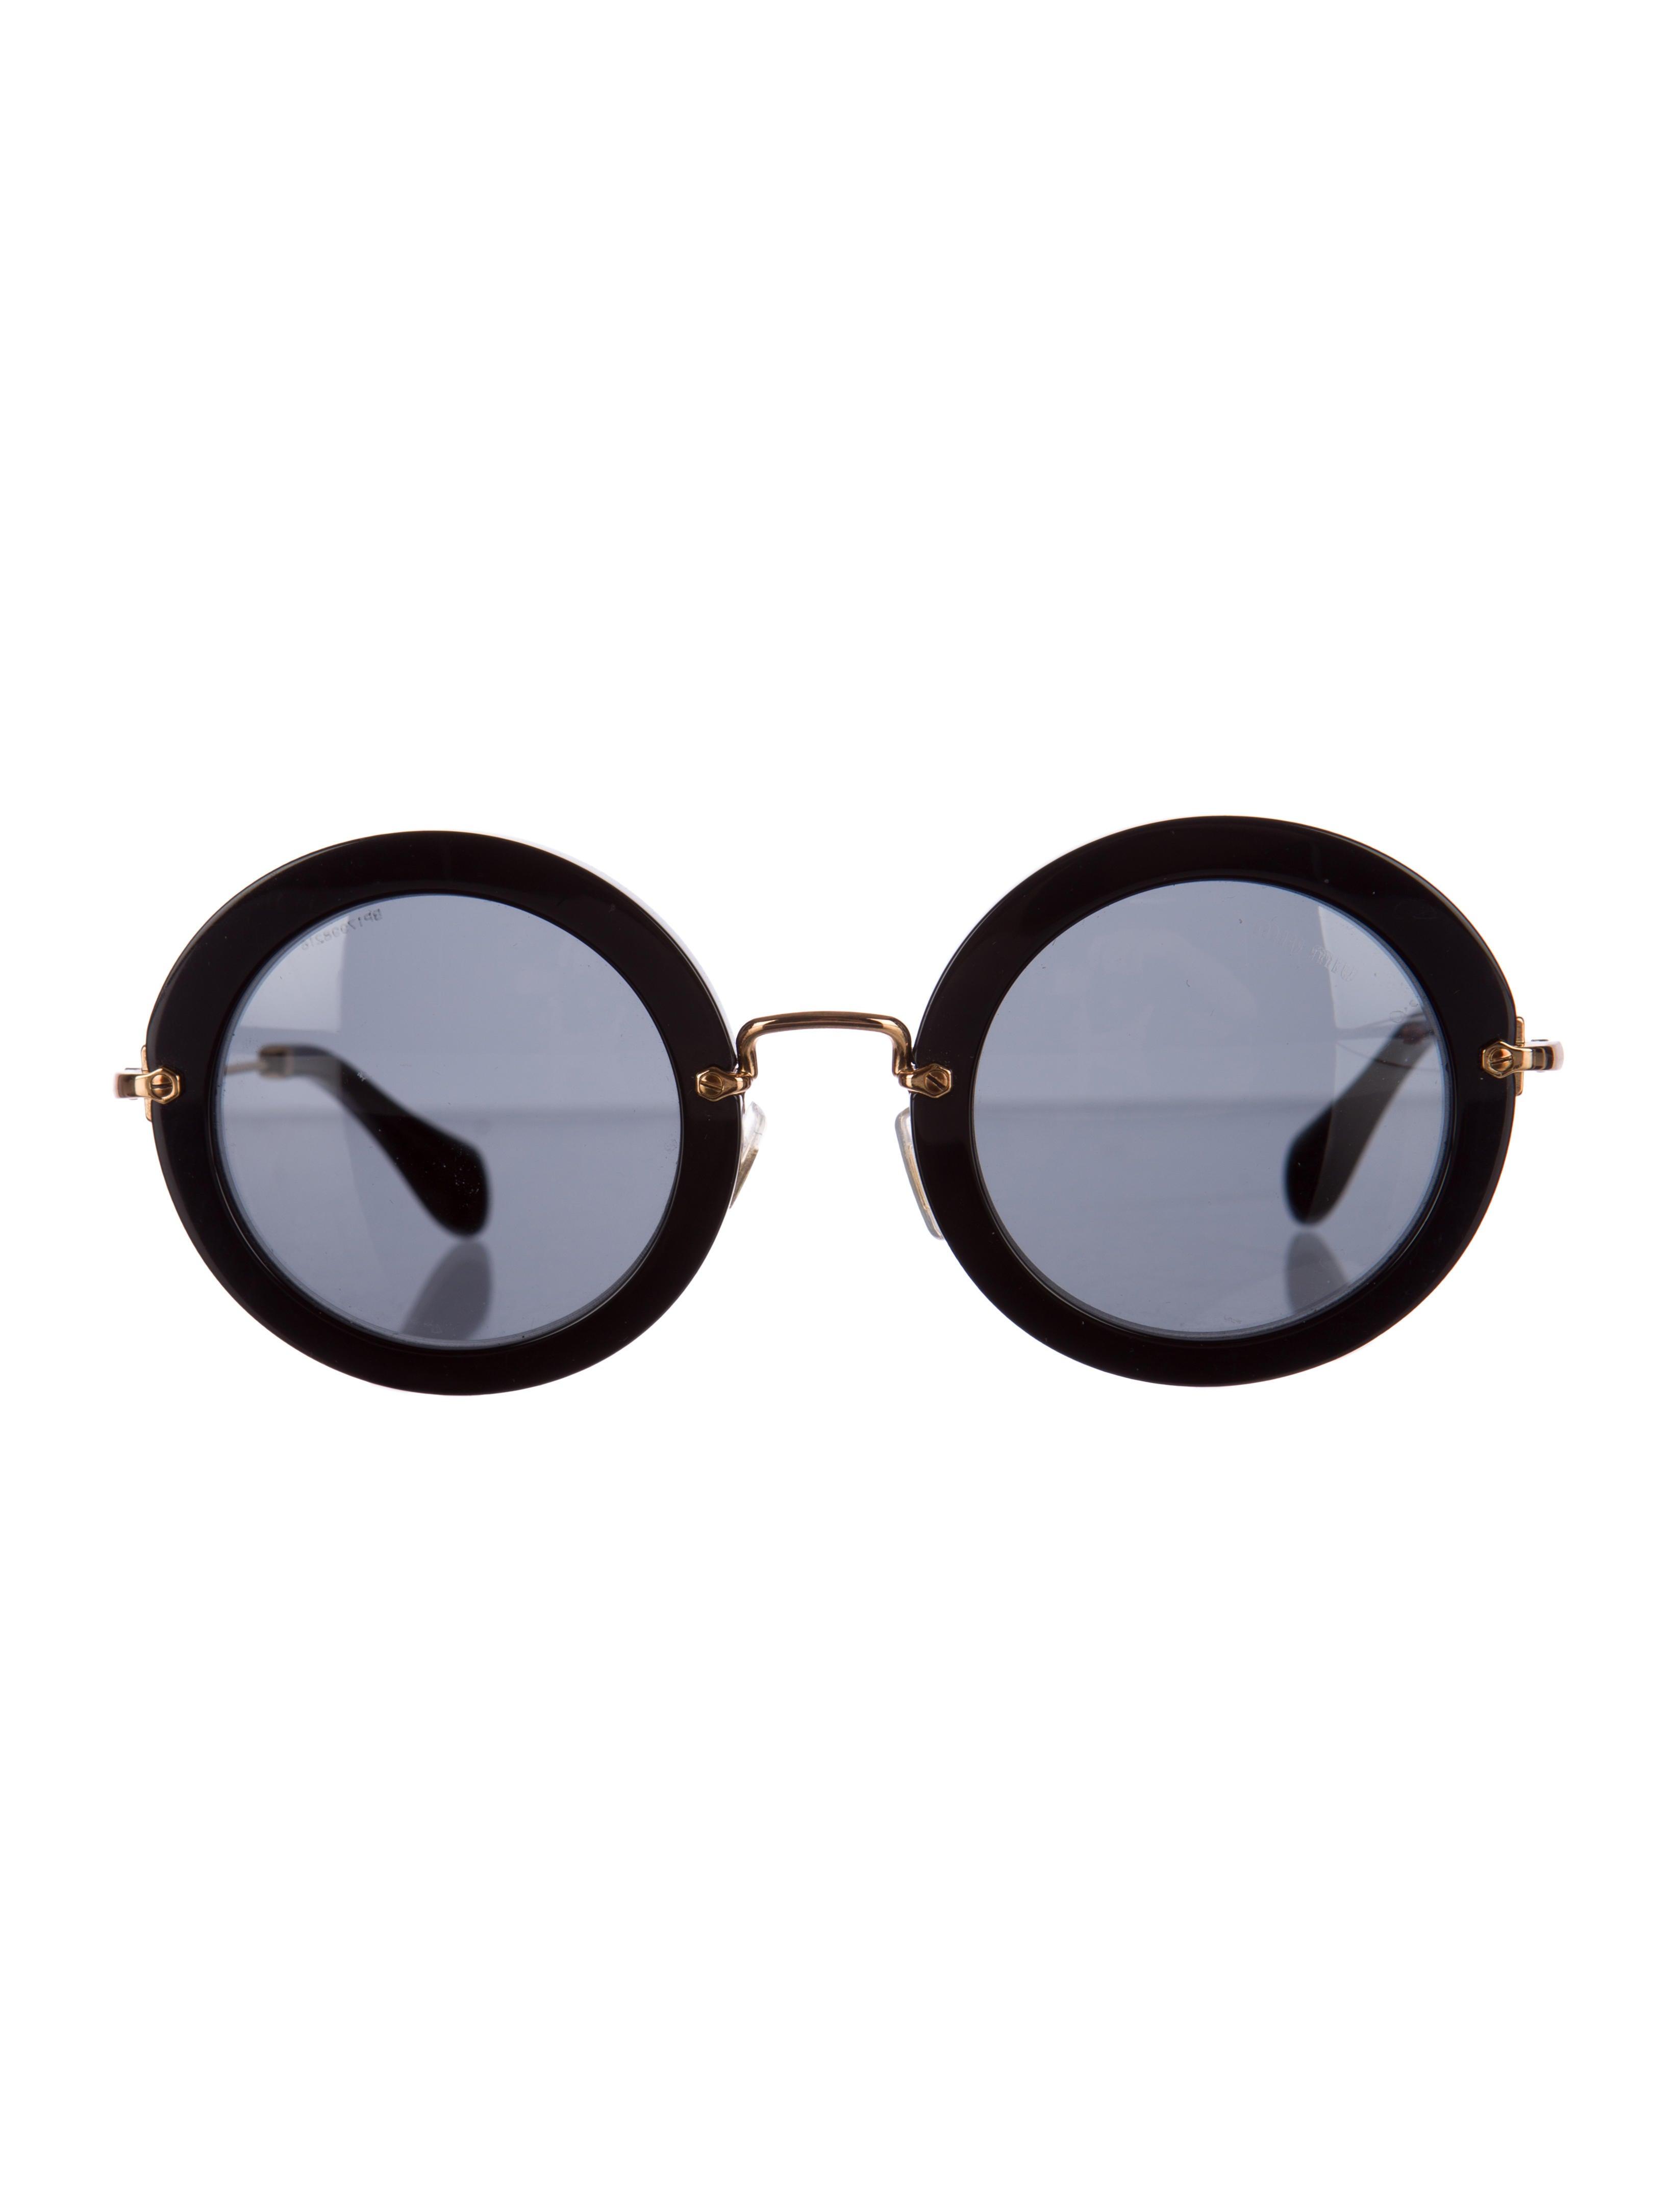 Miu Miu Sunglasses Round  miu miu sunglasses accessories miu28393 the realreal